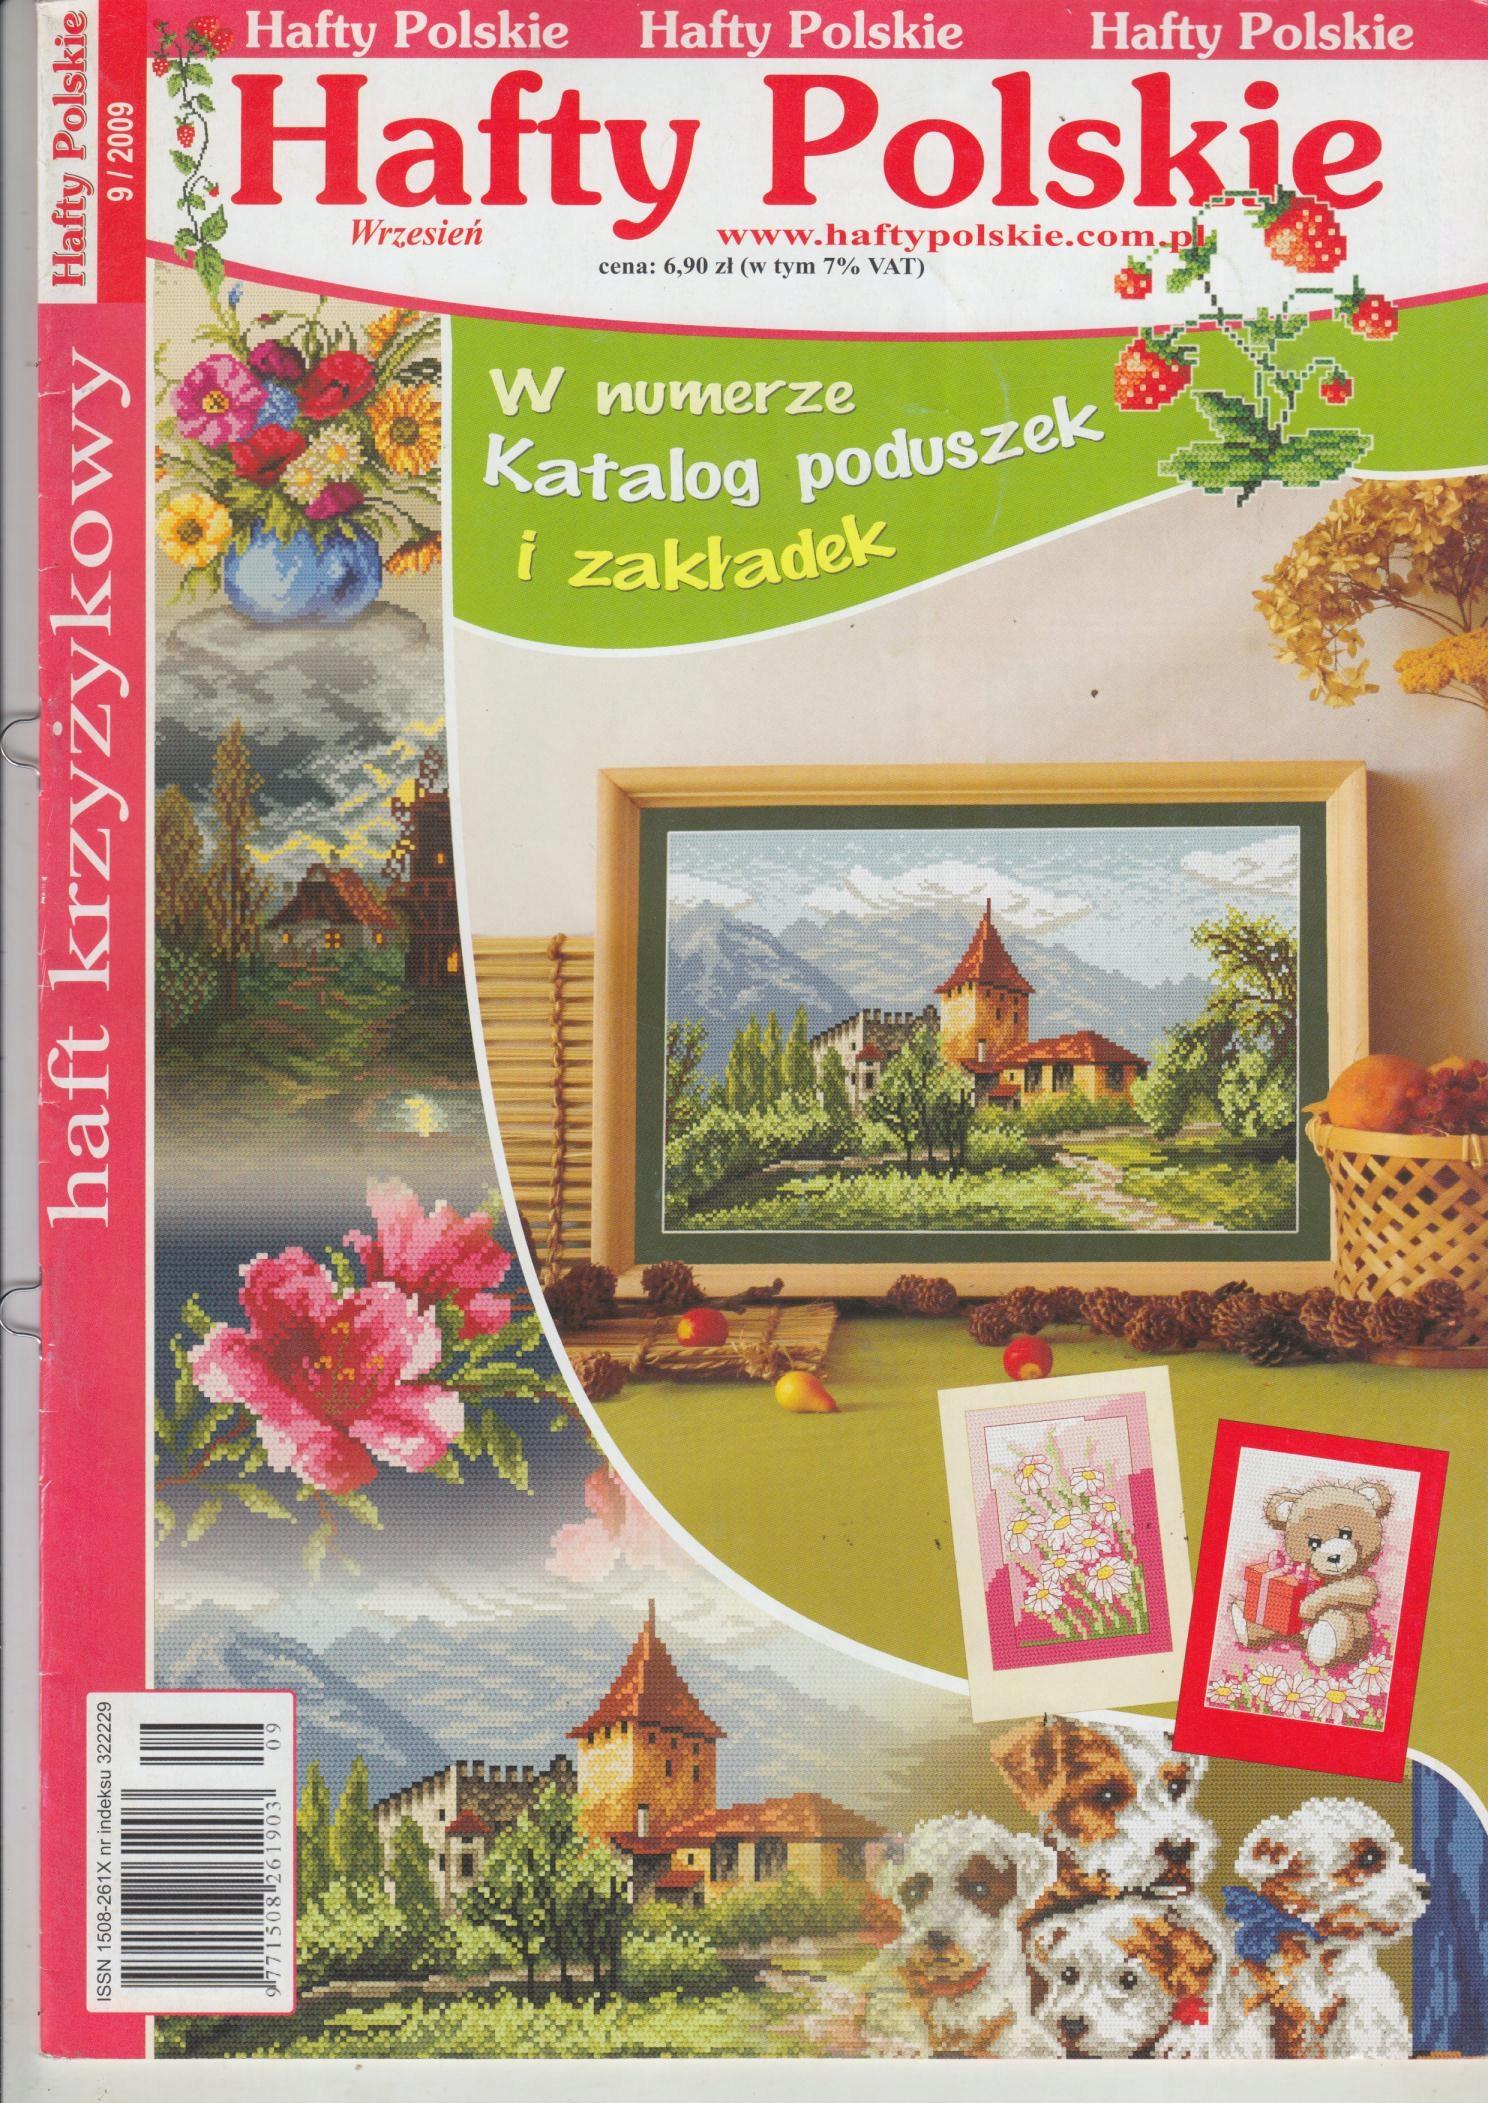 Fantastyczny Hafty polskie 9/2009 - igłą malowane - 7677765573 - oficjalne IN43